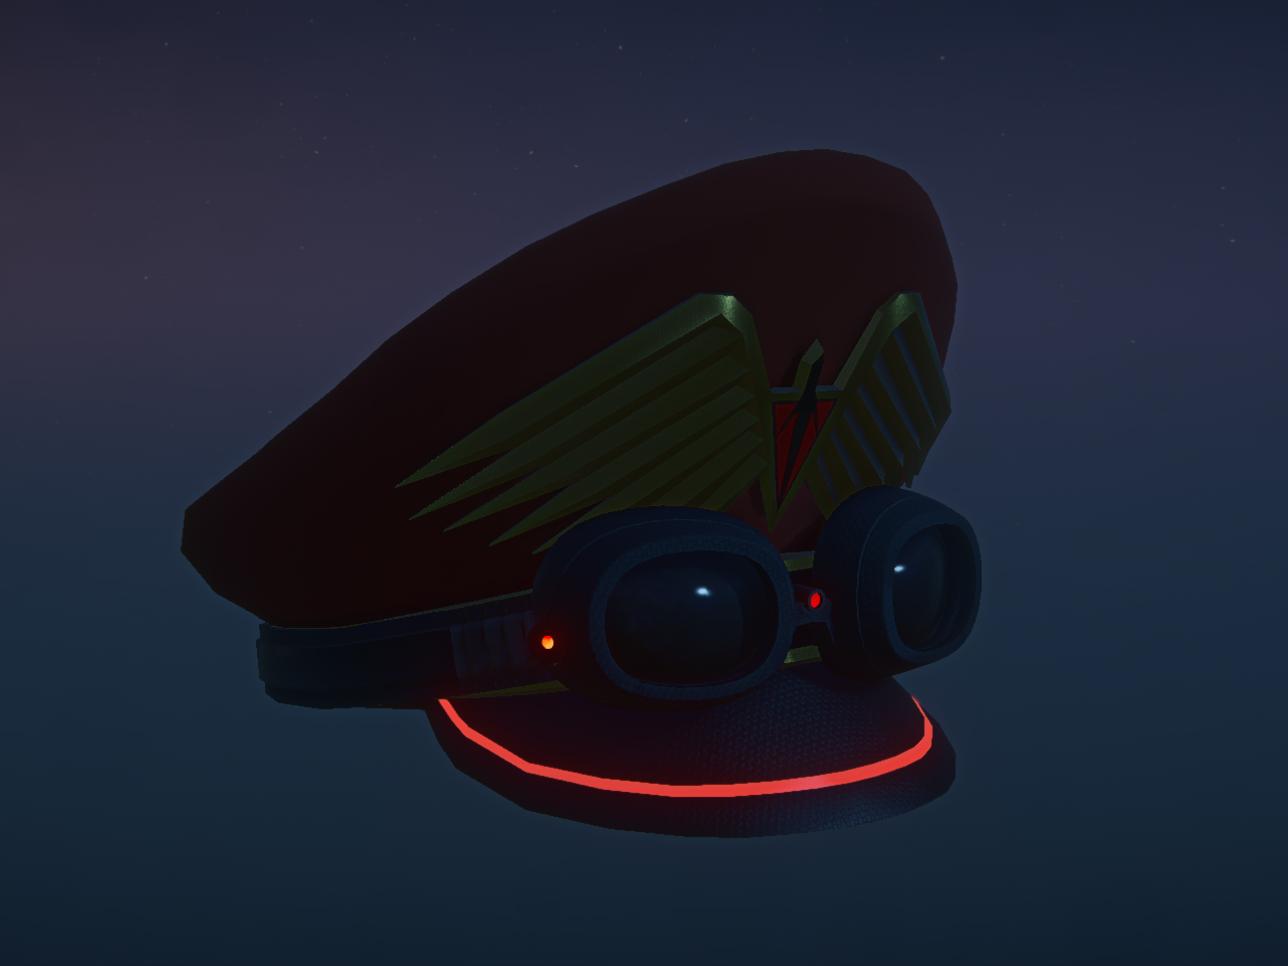 comissar hat2